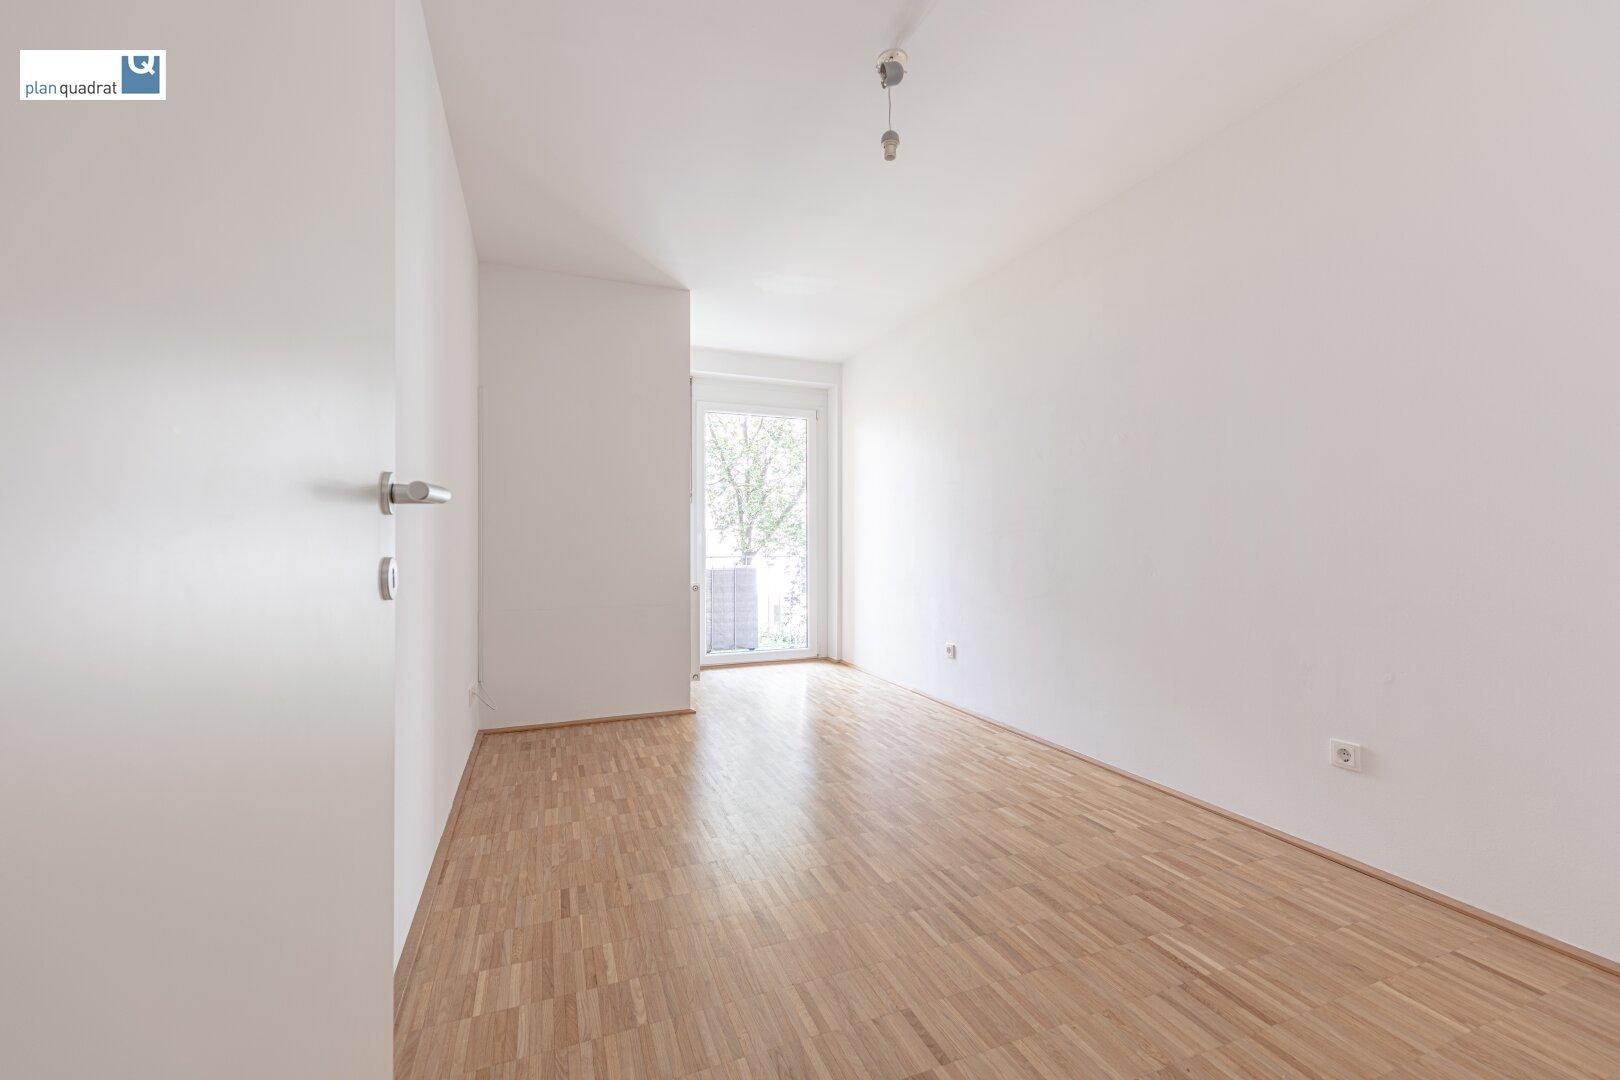 Schlafzimmer (ca. 12,10 m²) mit Ausgang zum Balkon